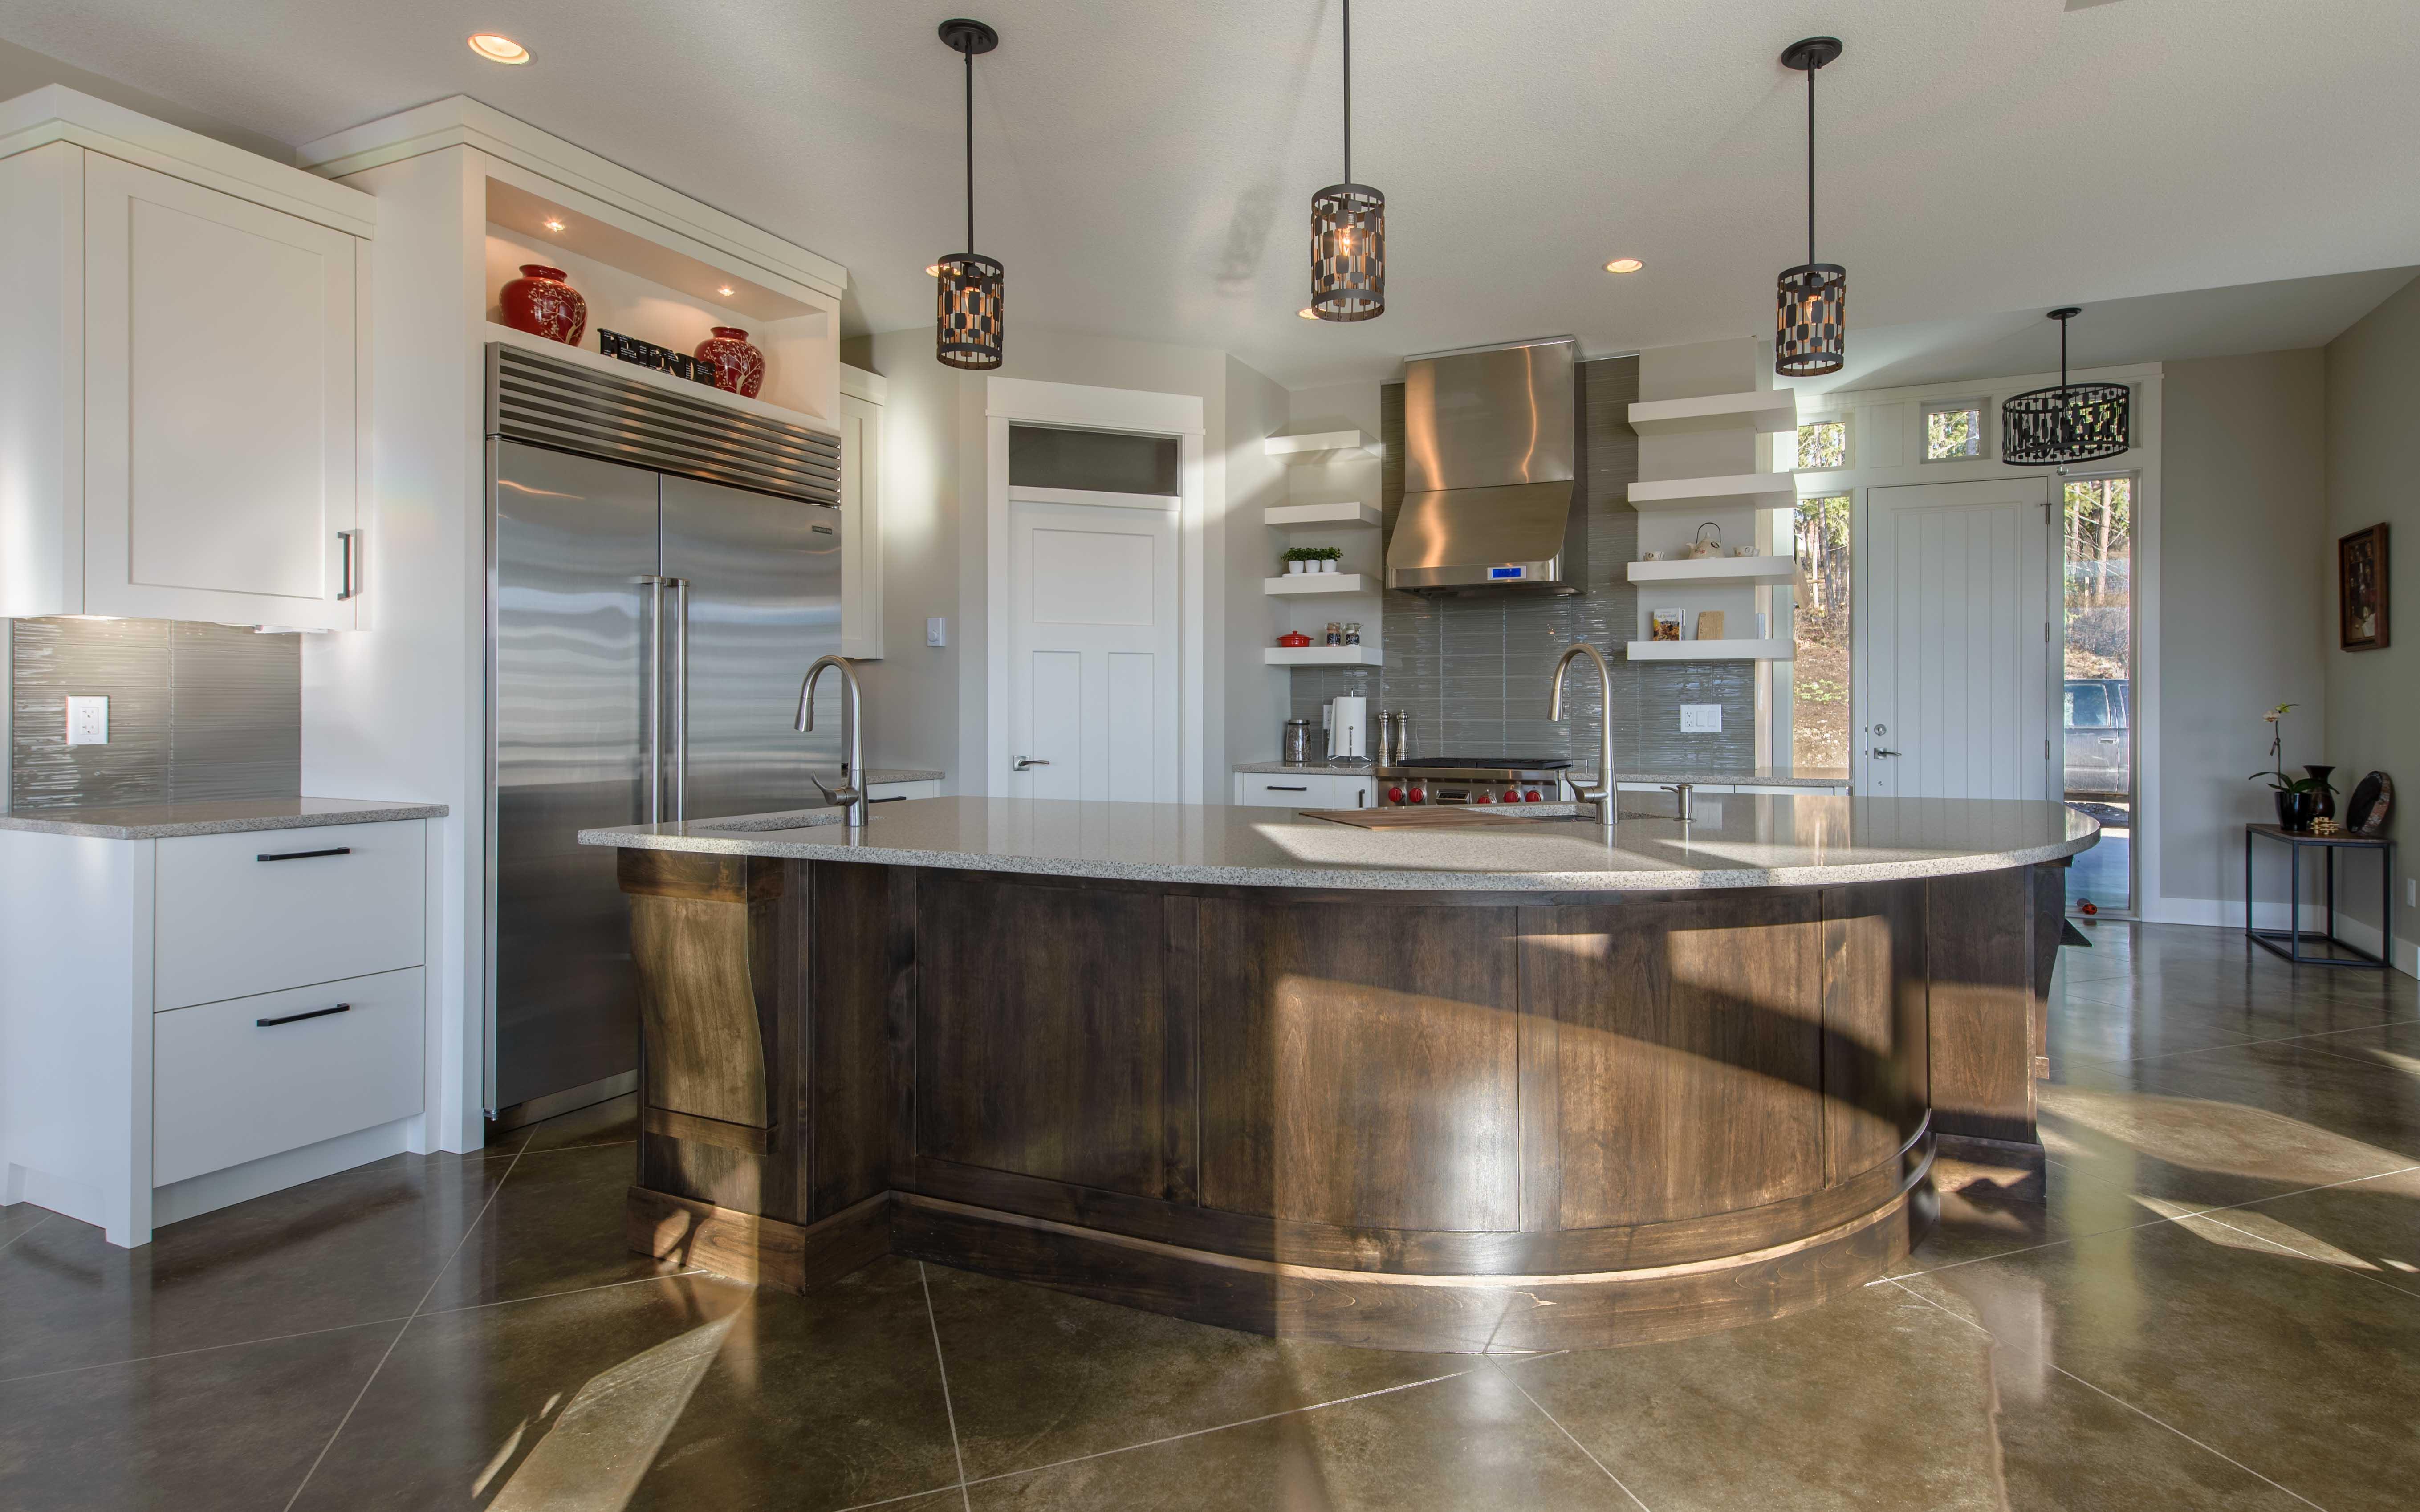 Modern, bright kitchen